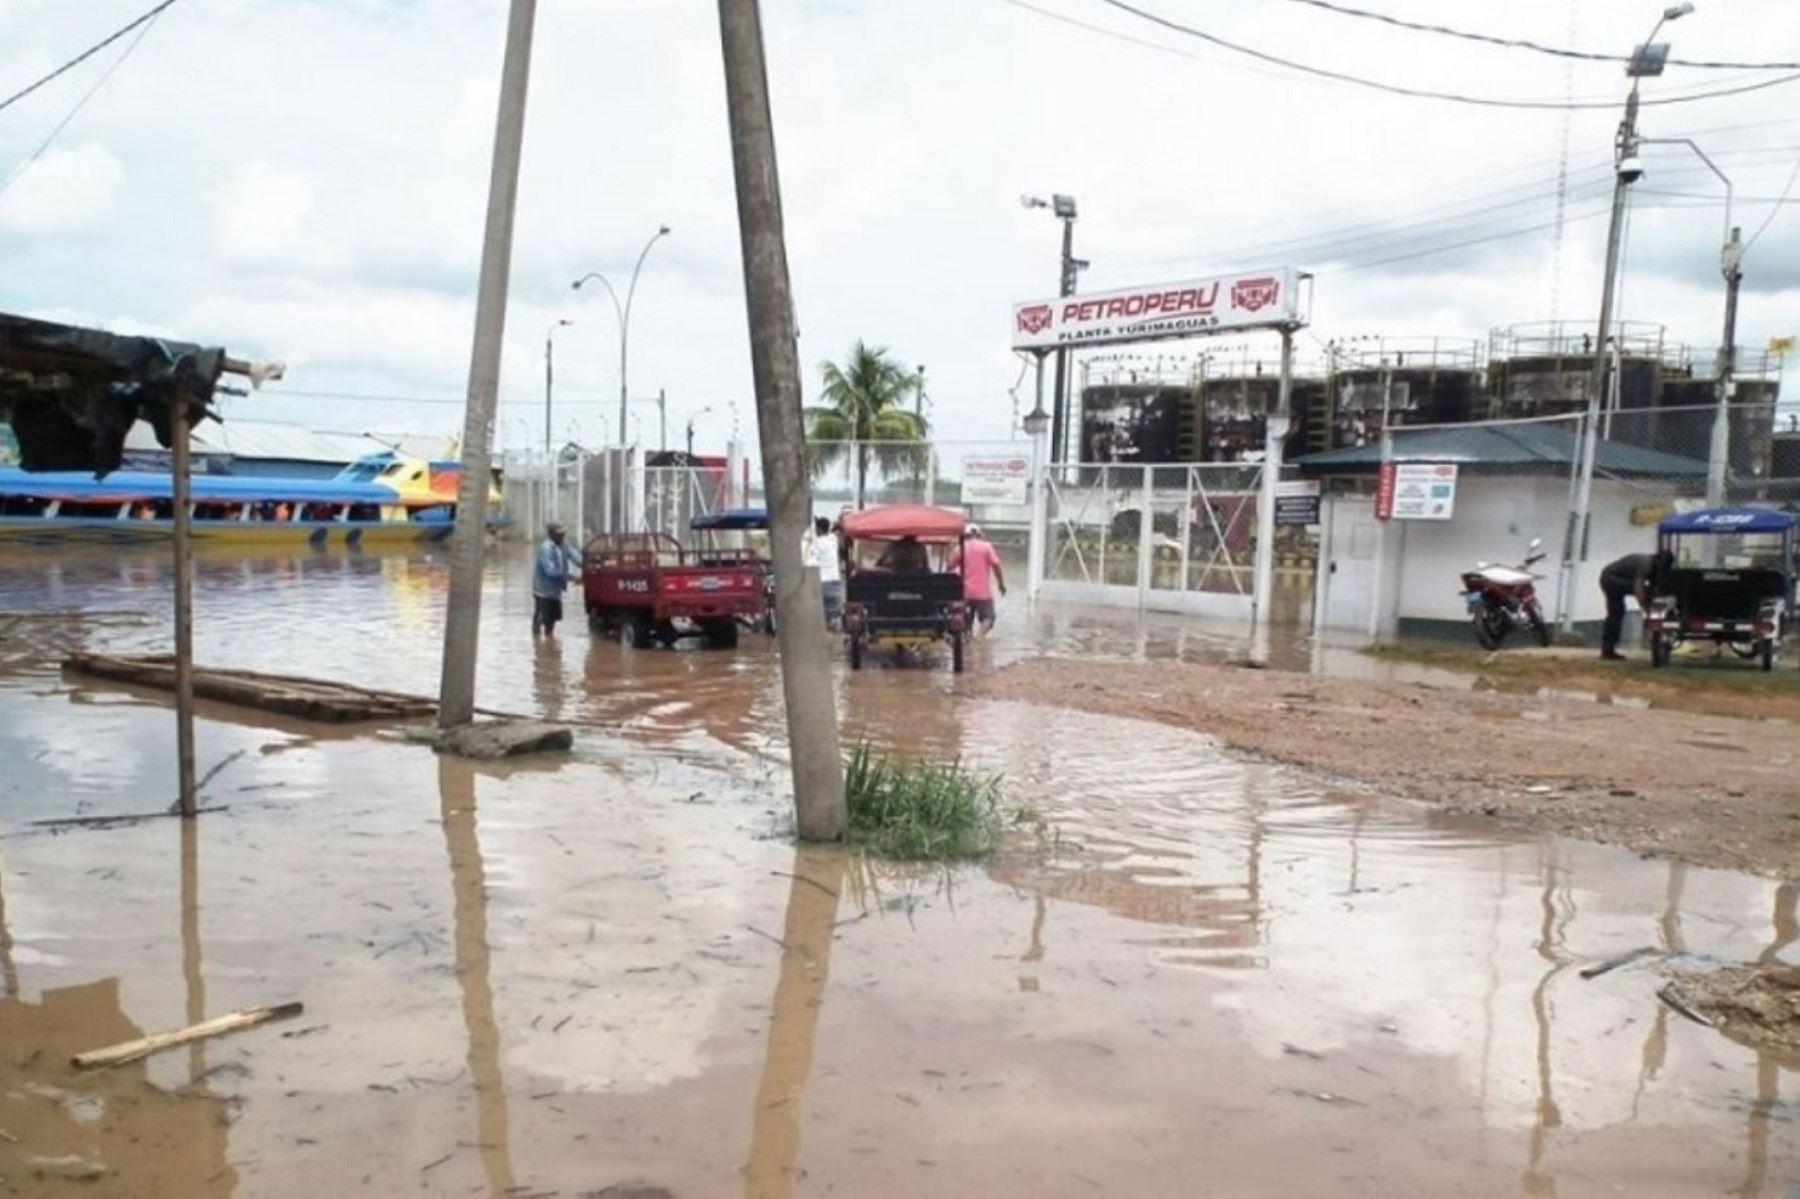 Crecida del río Huallaga inunda viviendas en zona baja de Yurimaguas, en Loreto. ANDINA